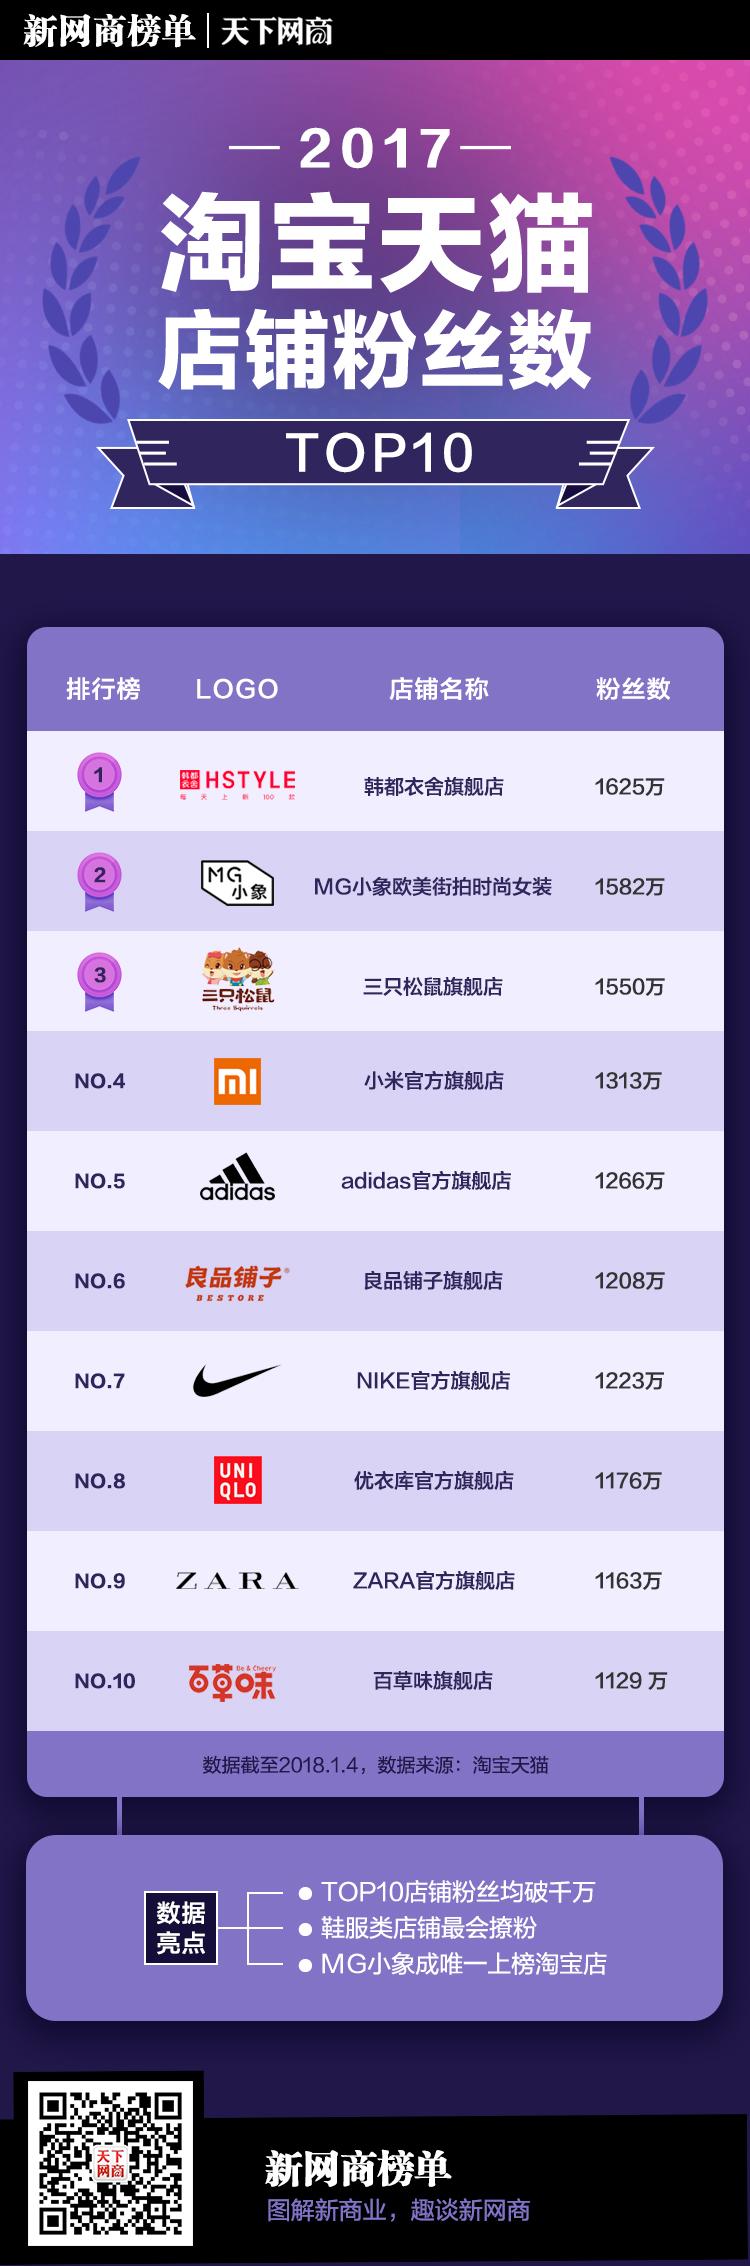 榜单top10网站外部渠道版